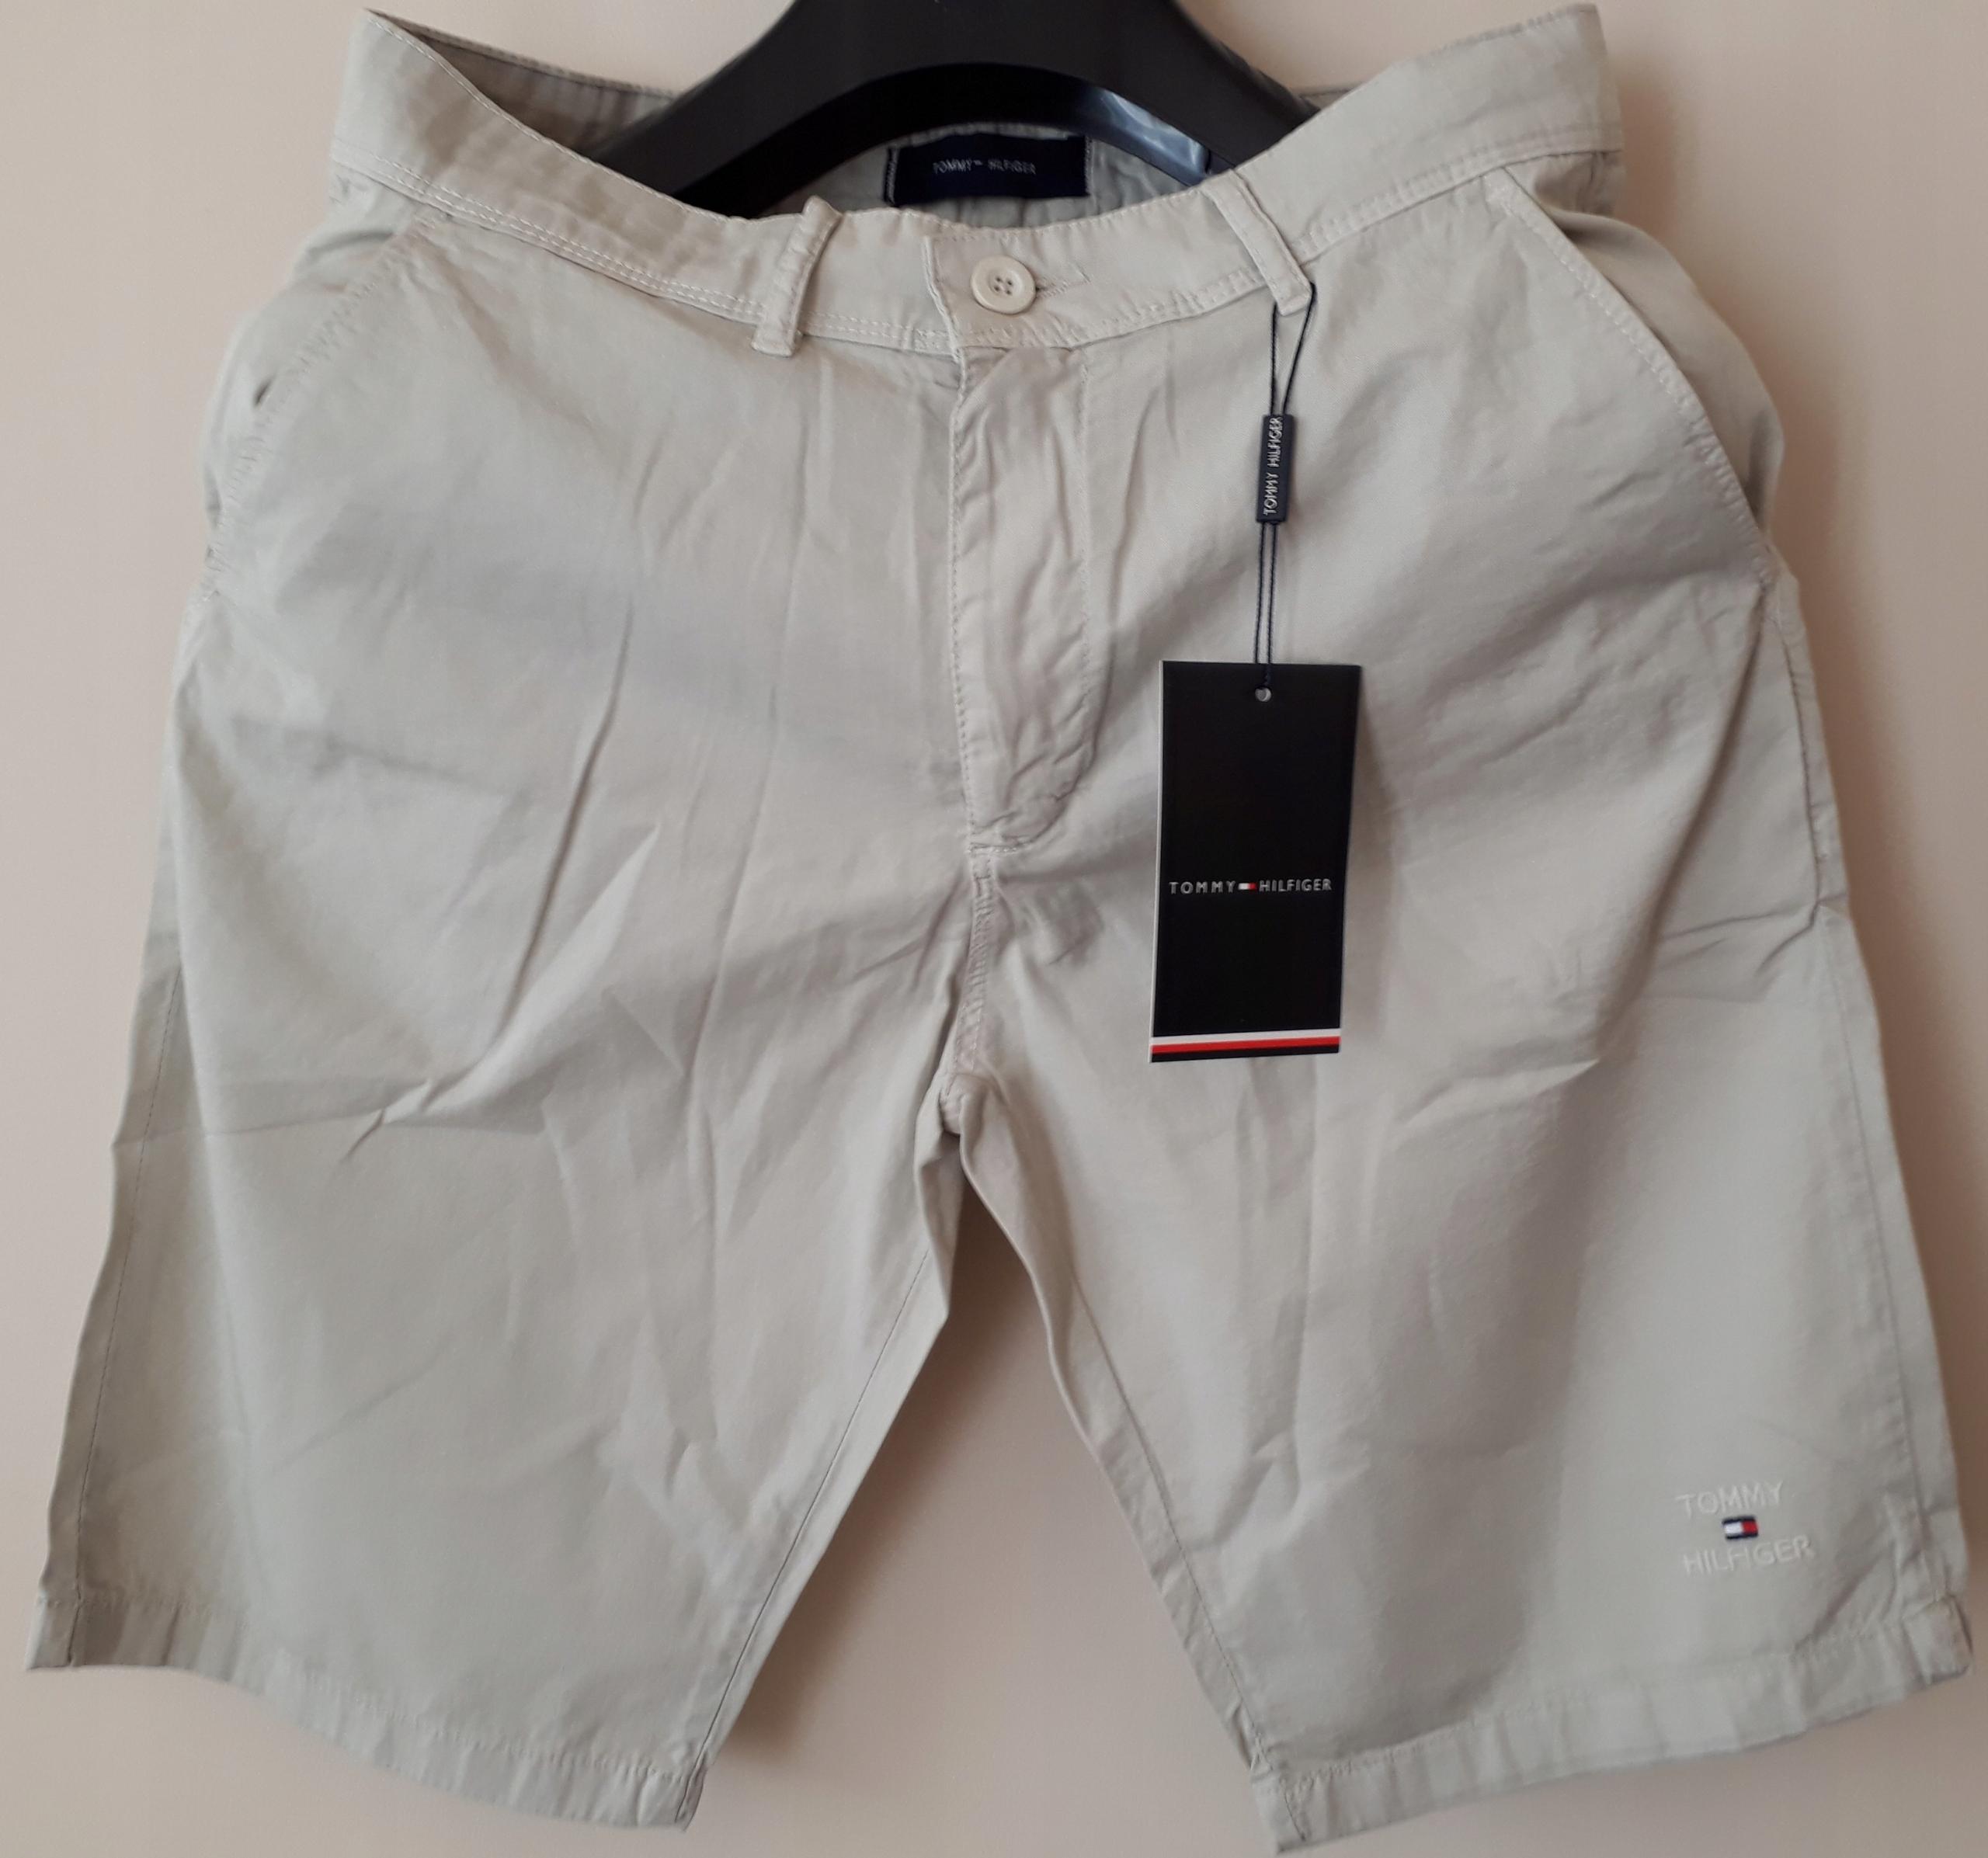 Spodnie krótkie Tommy Hilfiger Rozmiar 40